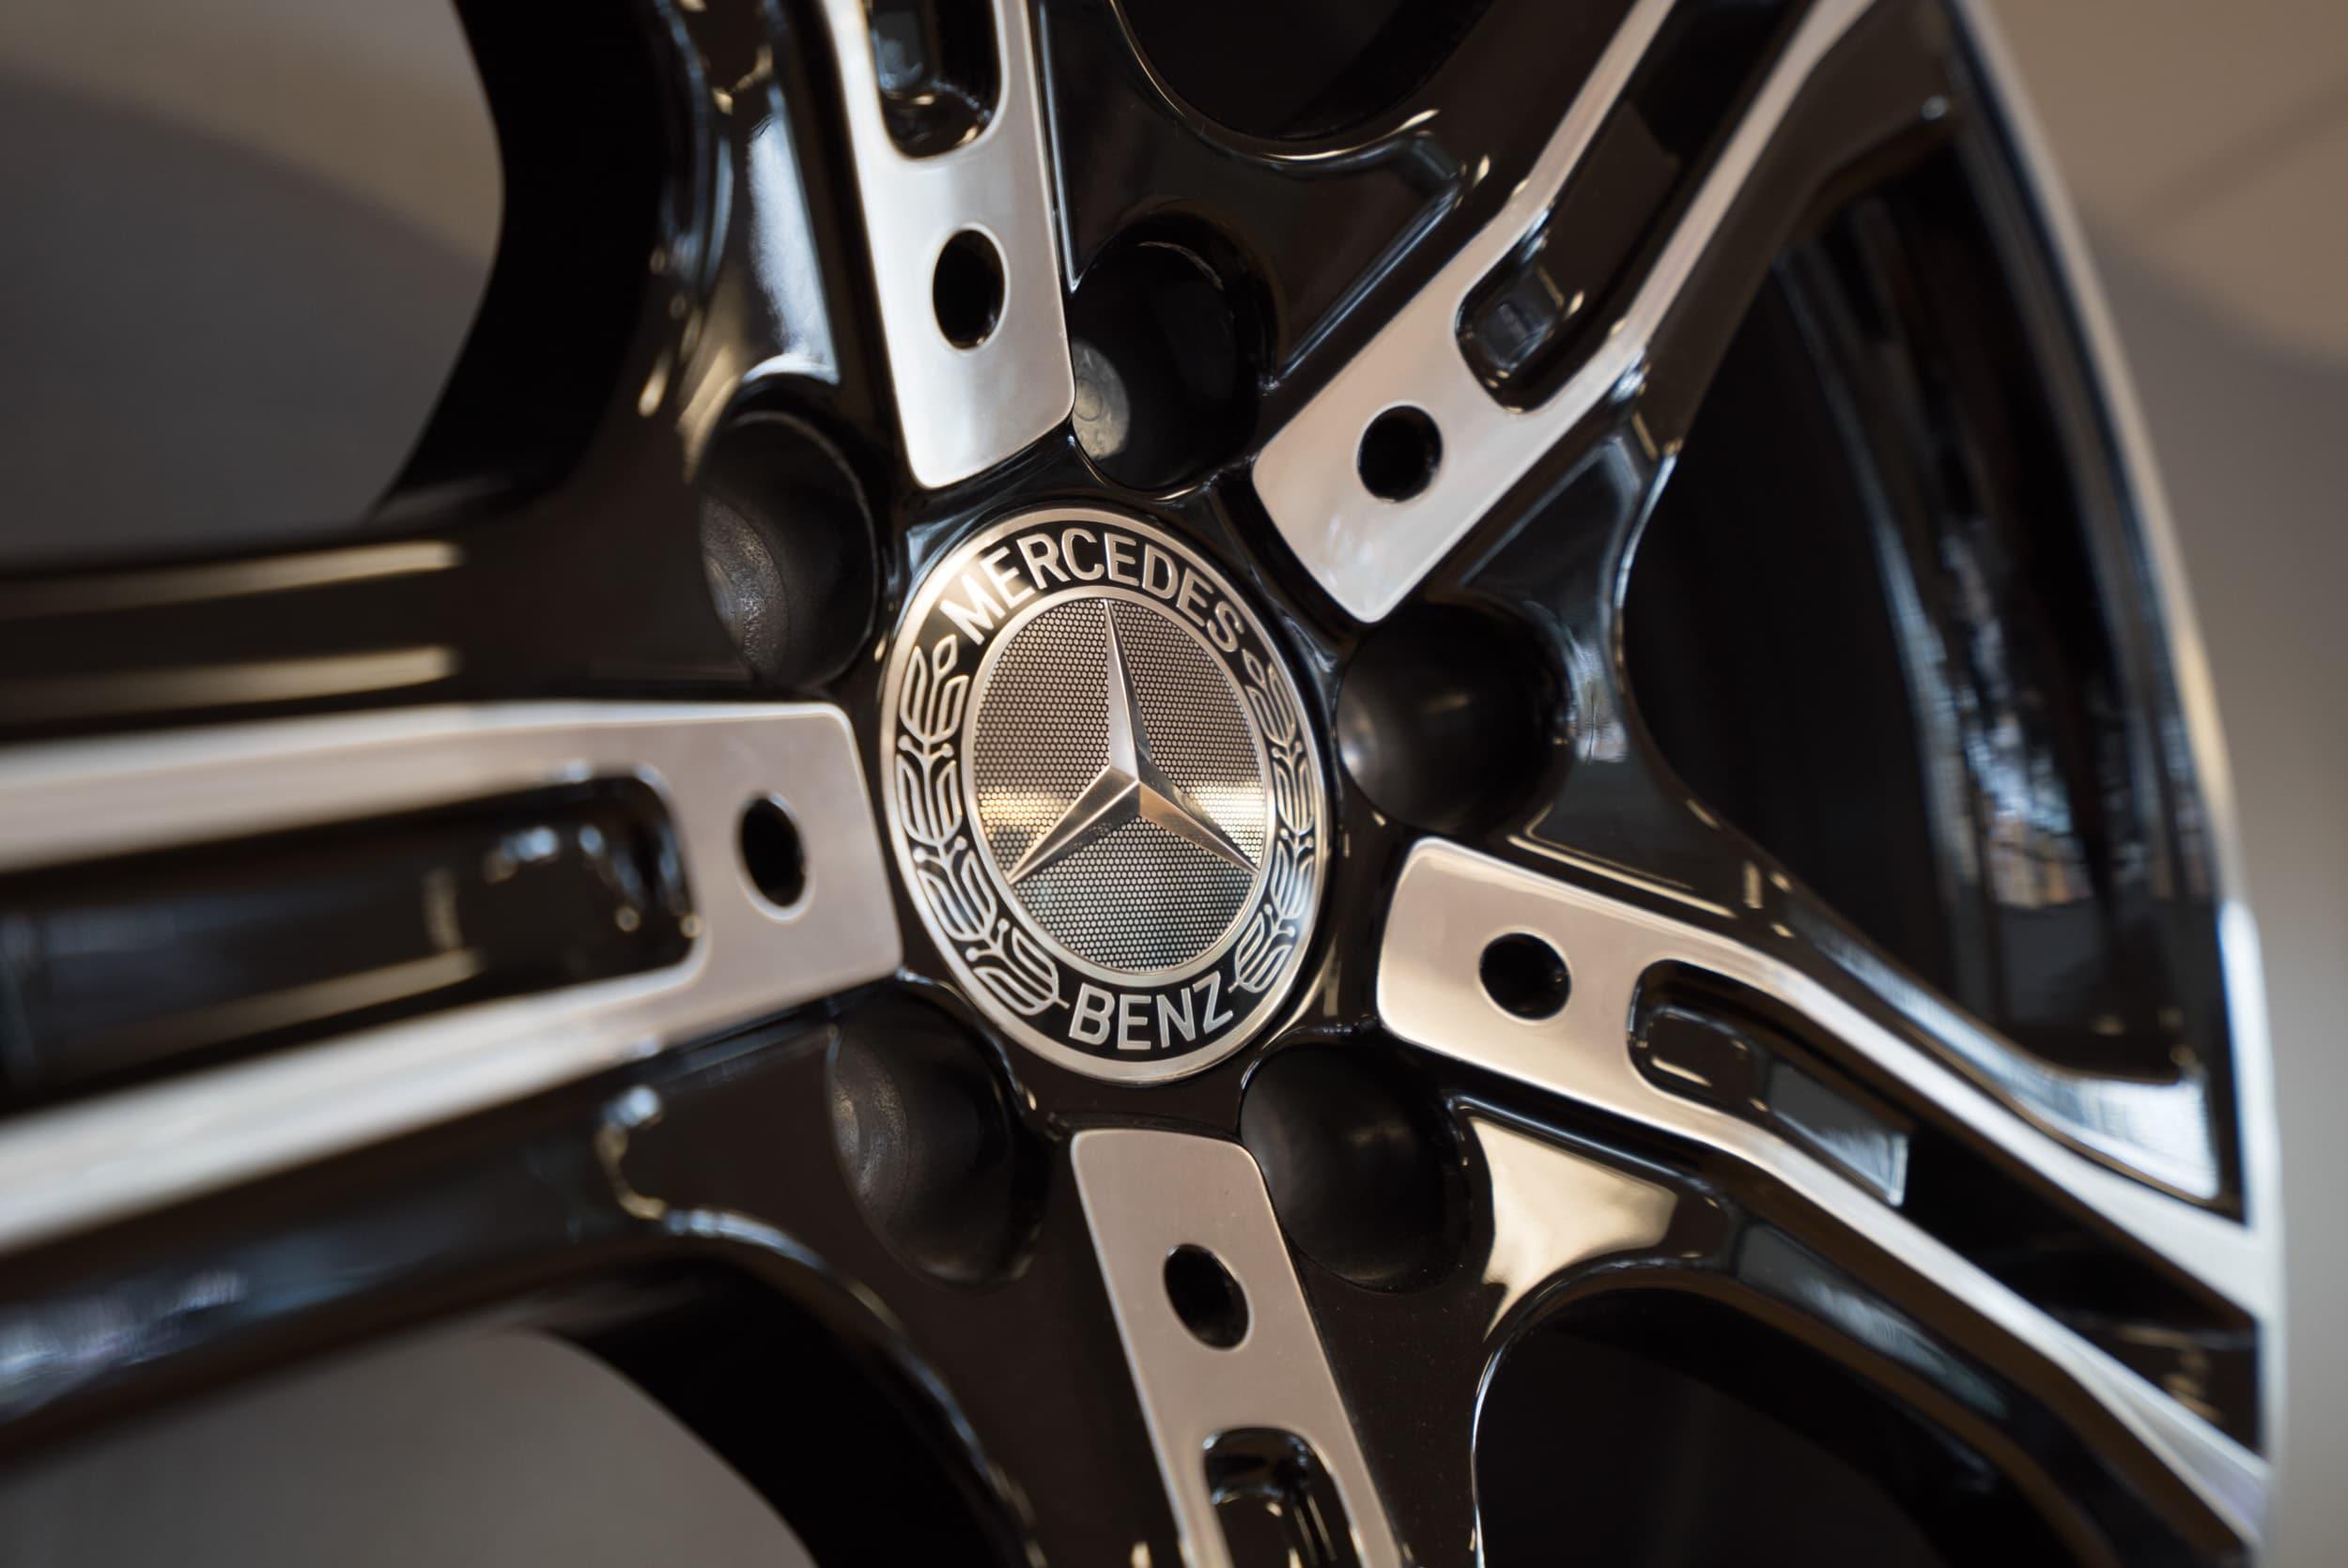 Mercedes Benz Dealer Locator – Car Image Idea